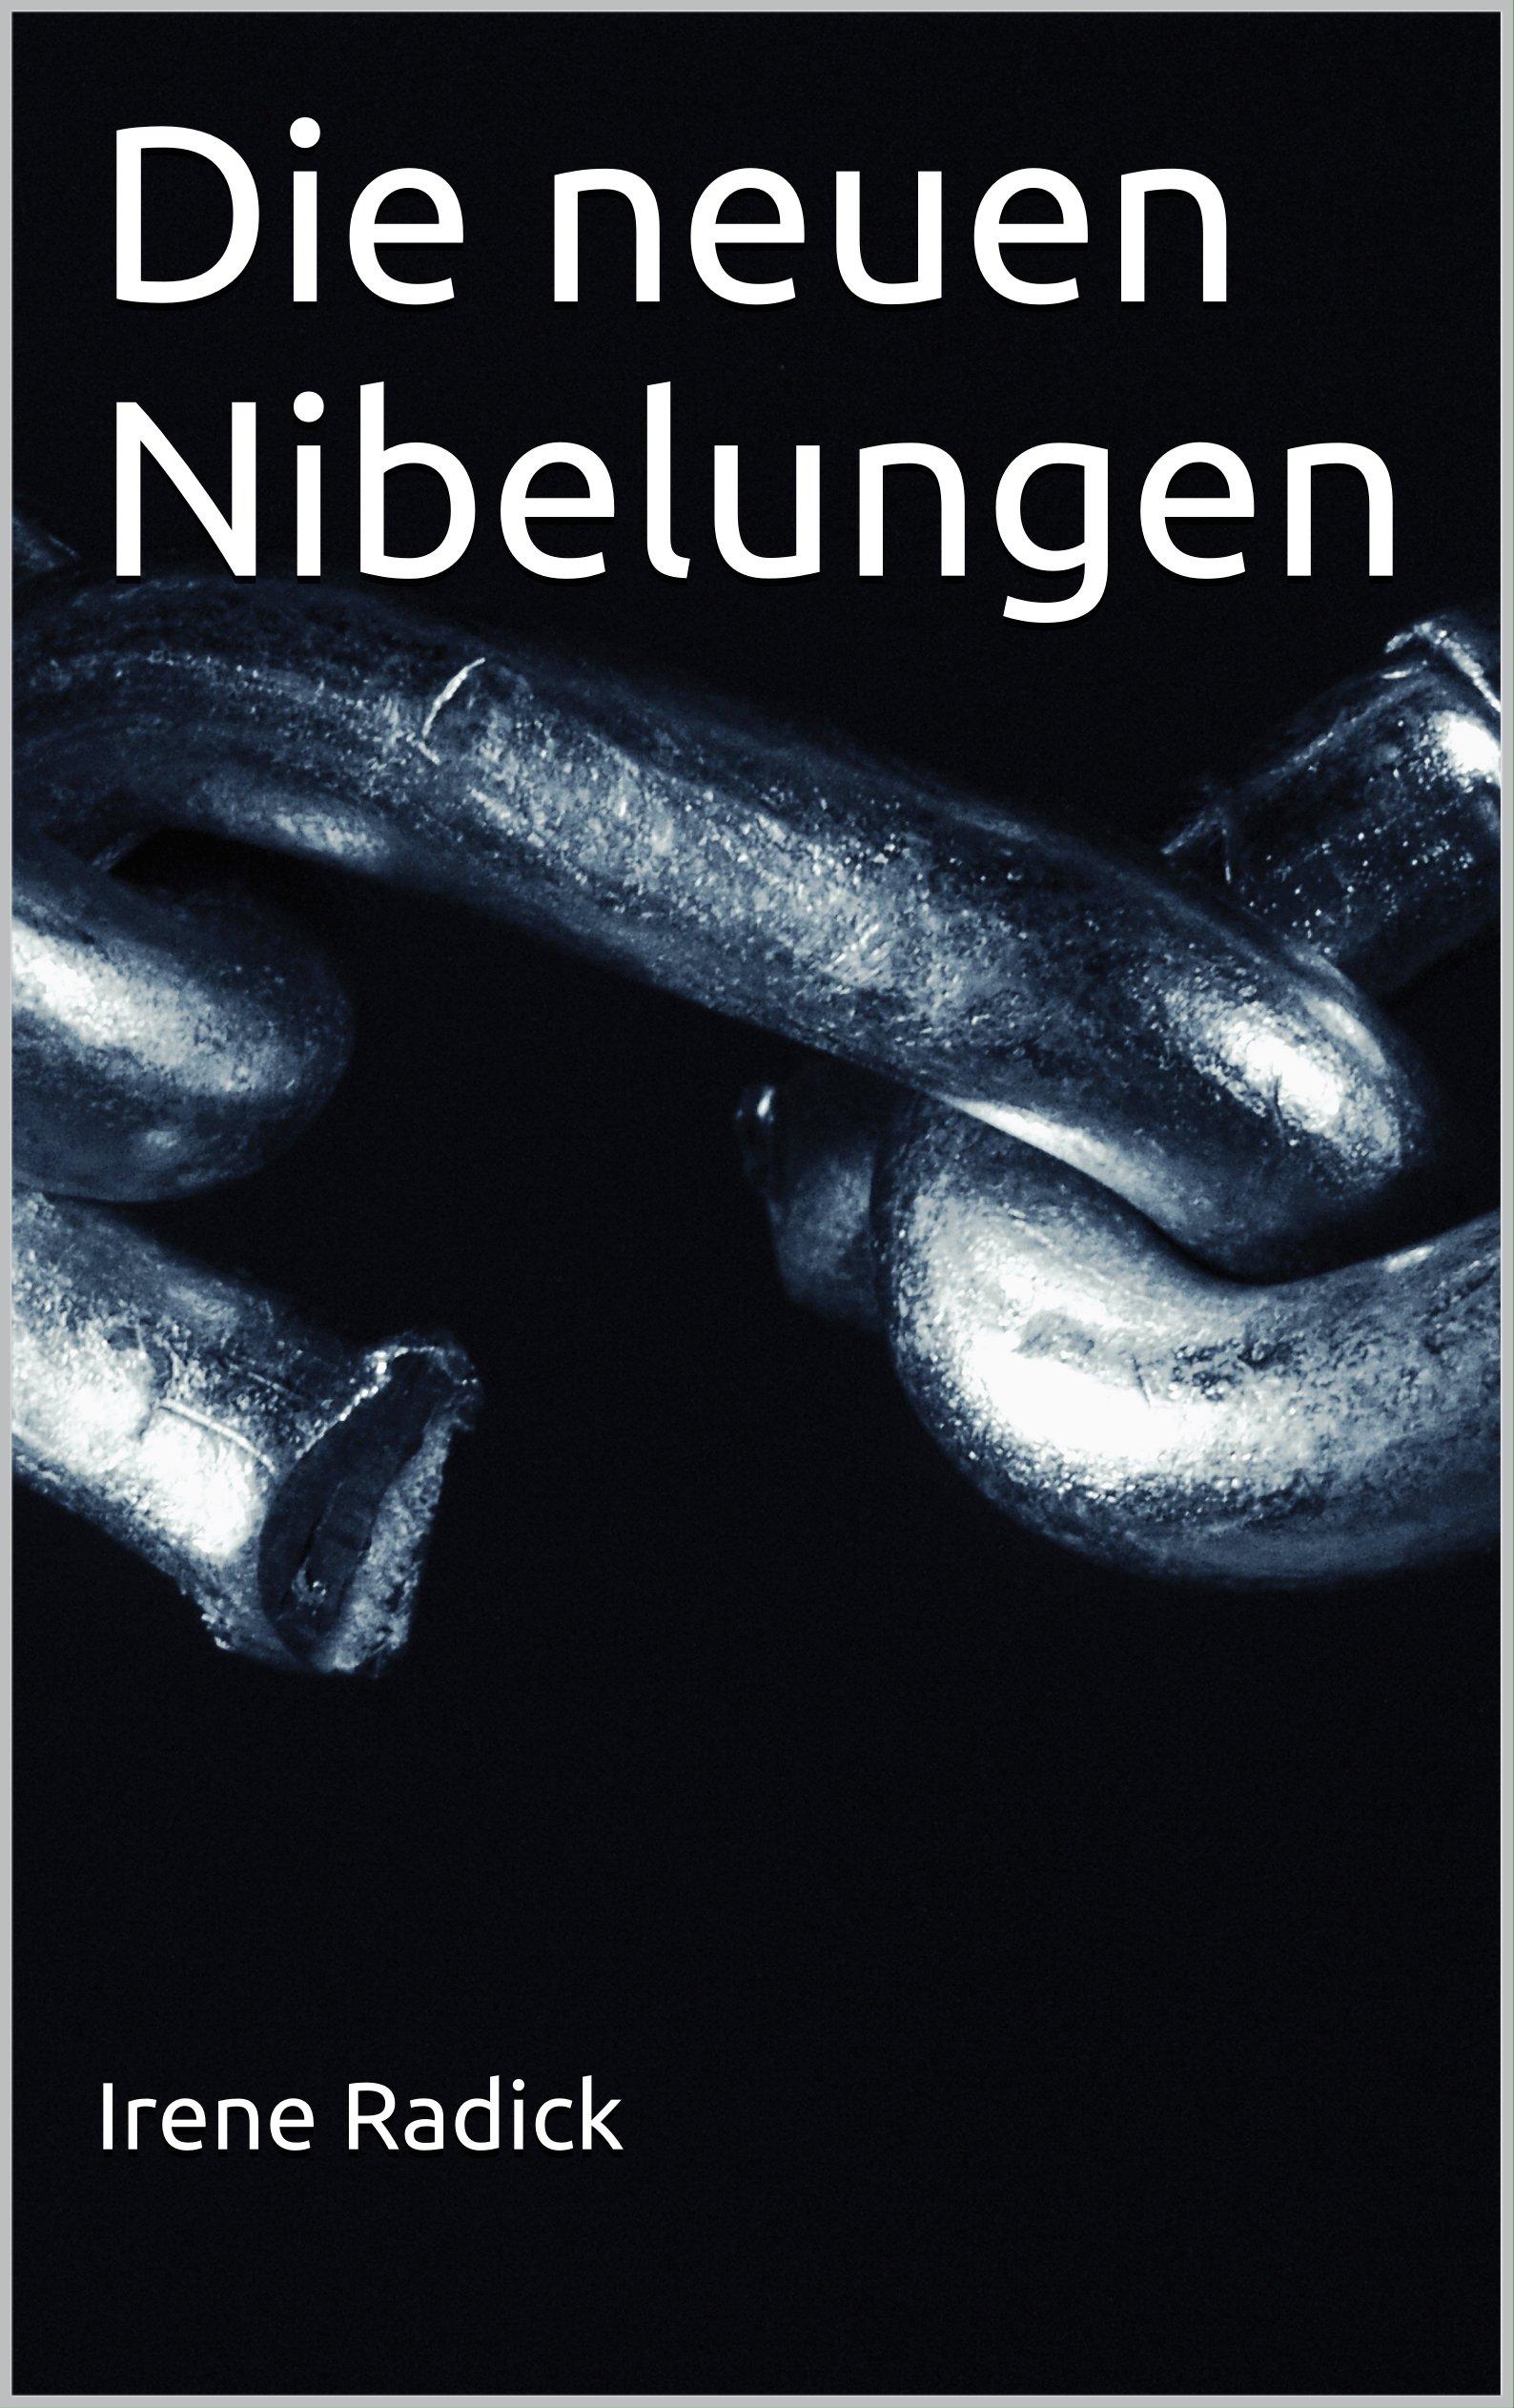 Die neuen Nibelungen: Eine deutsche Tragödie (German Edition)